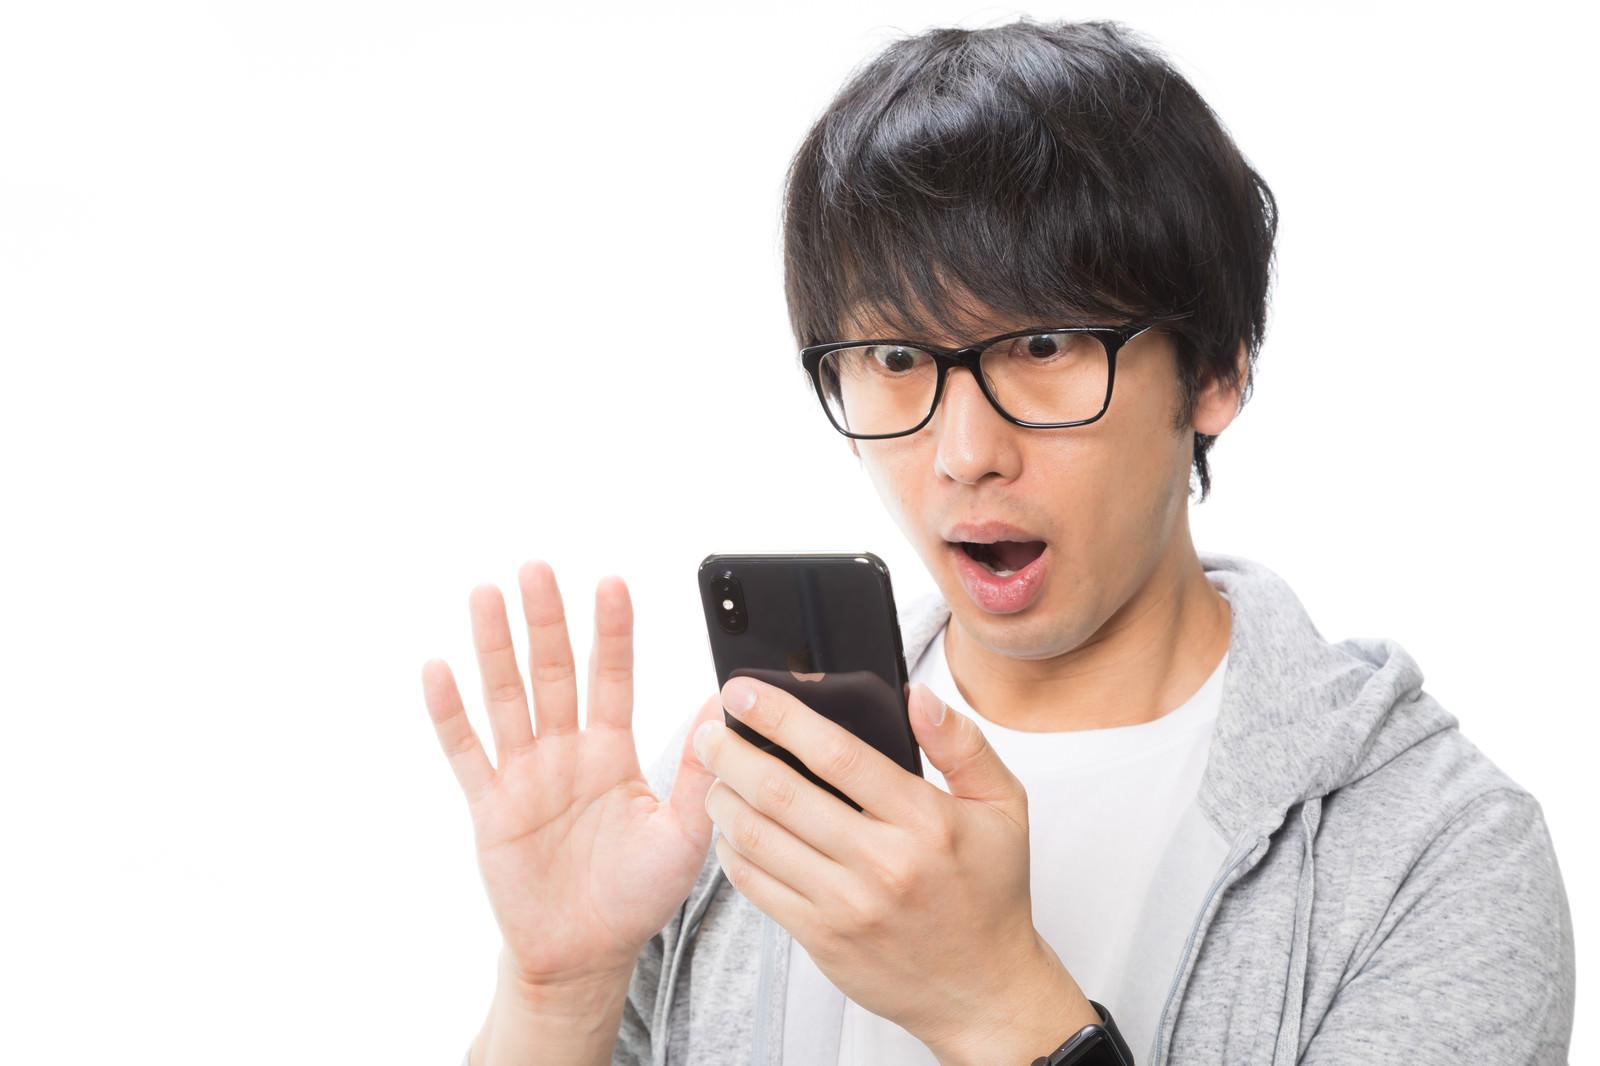 「顔認証の精度の高さに目が点になるiPhone Xユーザー顔認証の精度の高さに目が点になるiPhone Xユーザー」[モデル:大川竜弥]のフリー写真素材を拡大